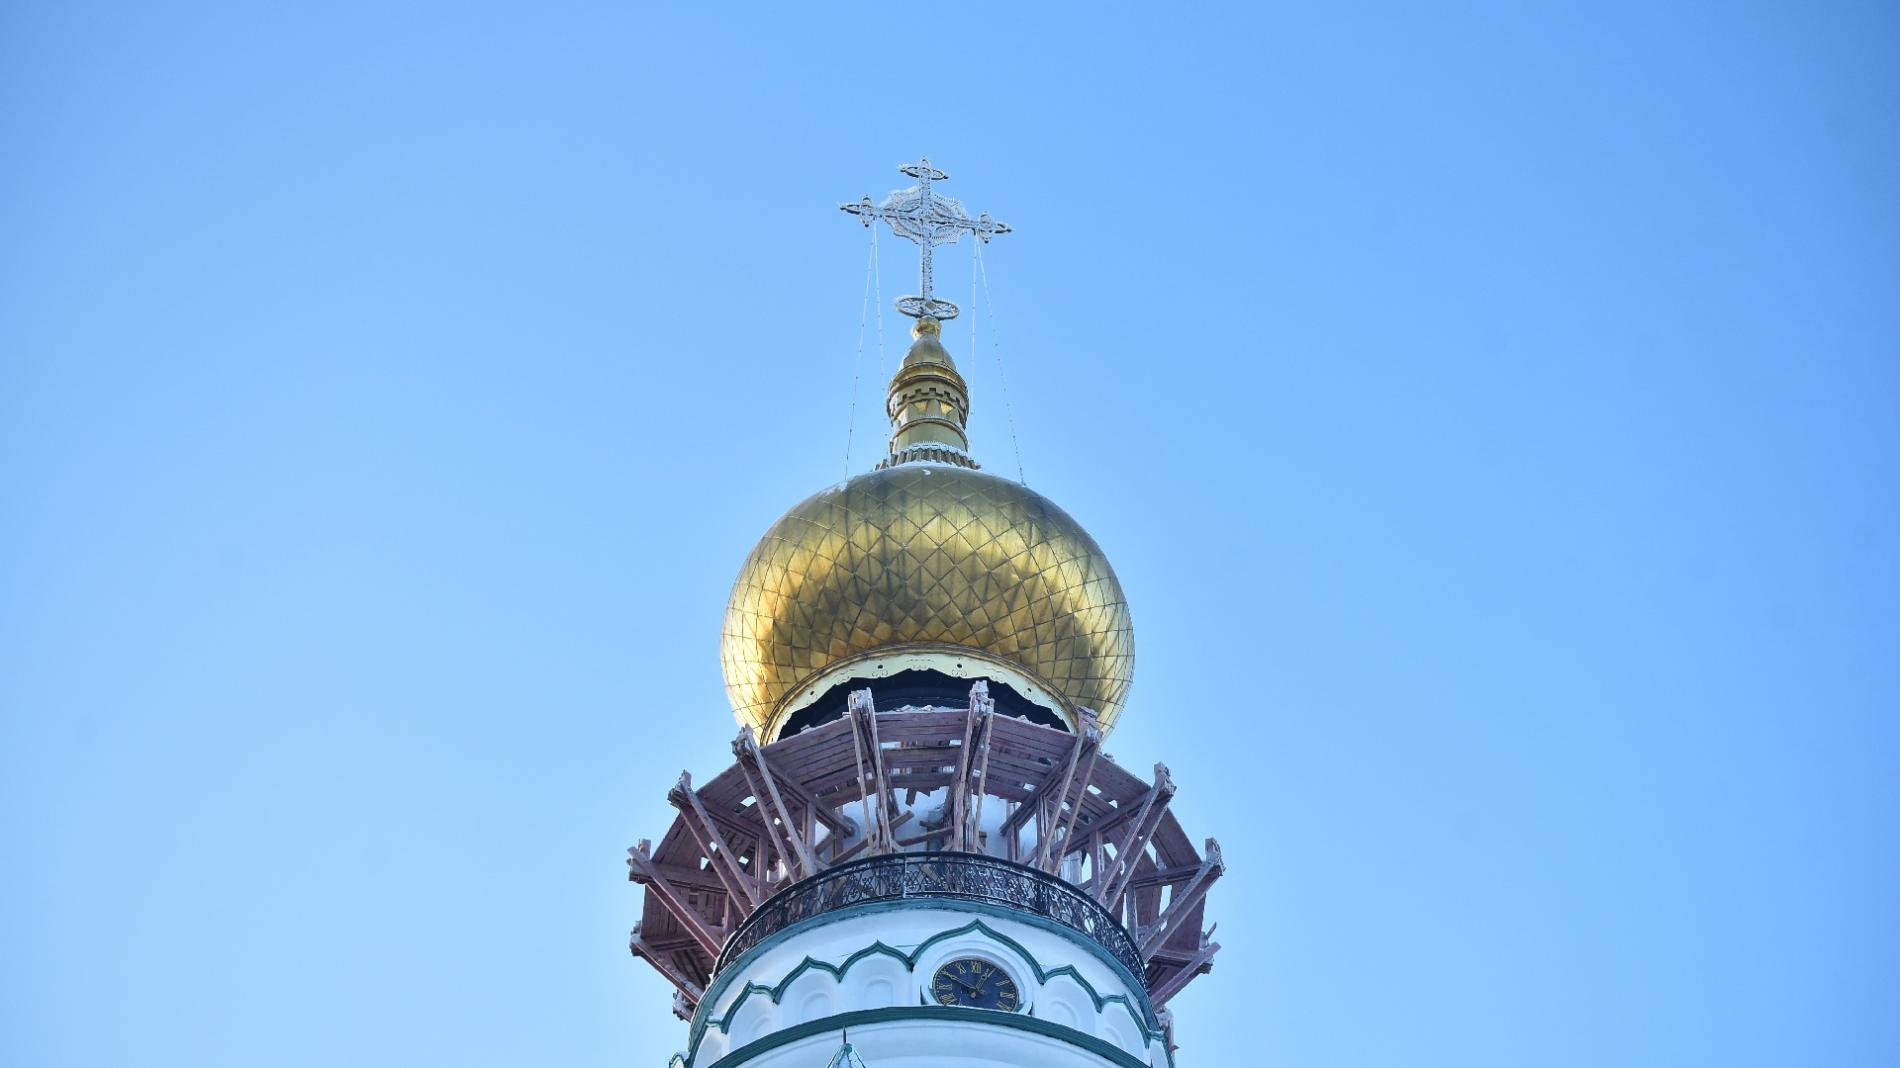 Колокольню Вологодского кремля продолжат реставрировать в 2019 году